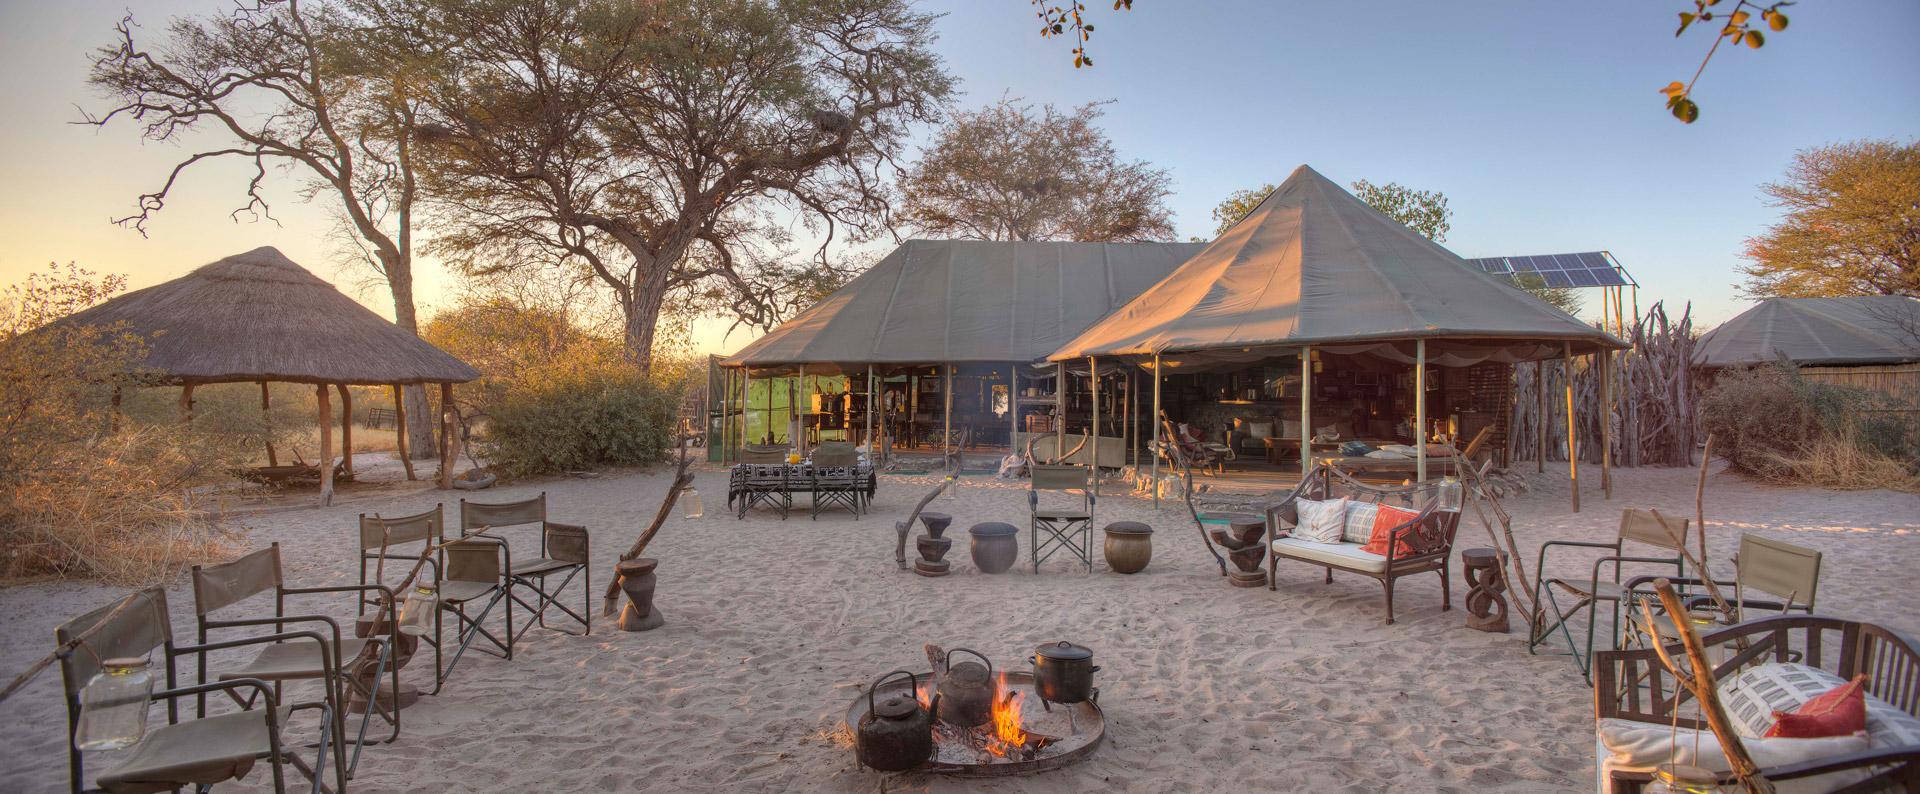 Communal area at Meno a Kwena lodge in Botswana